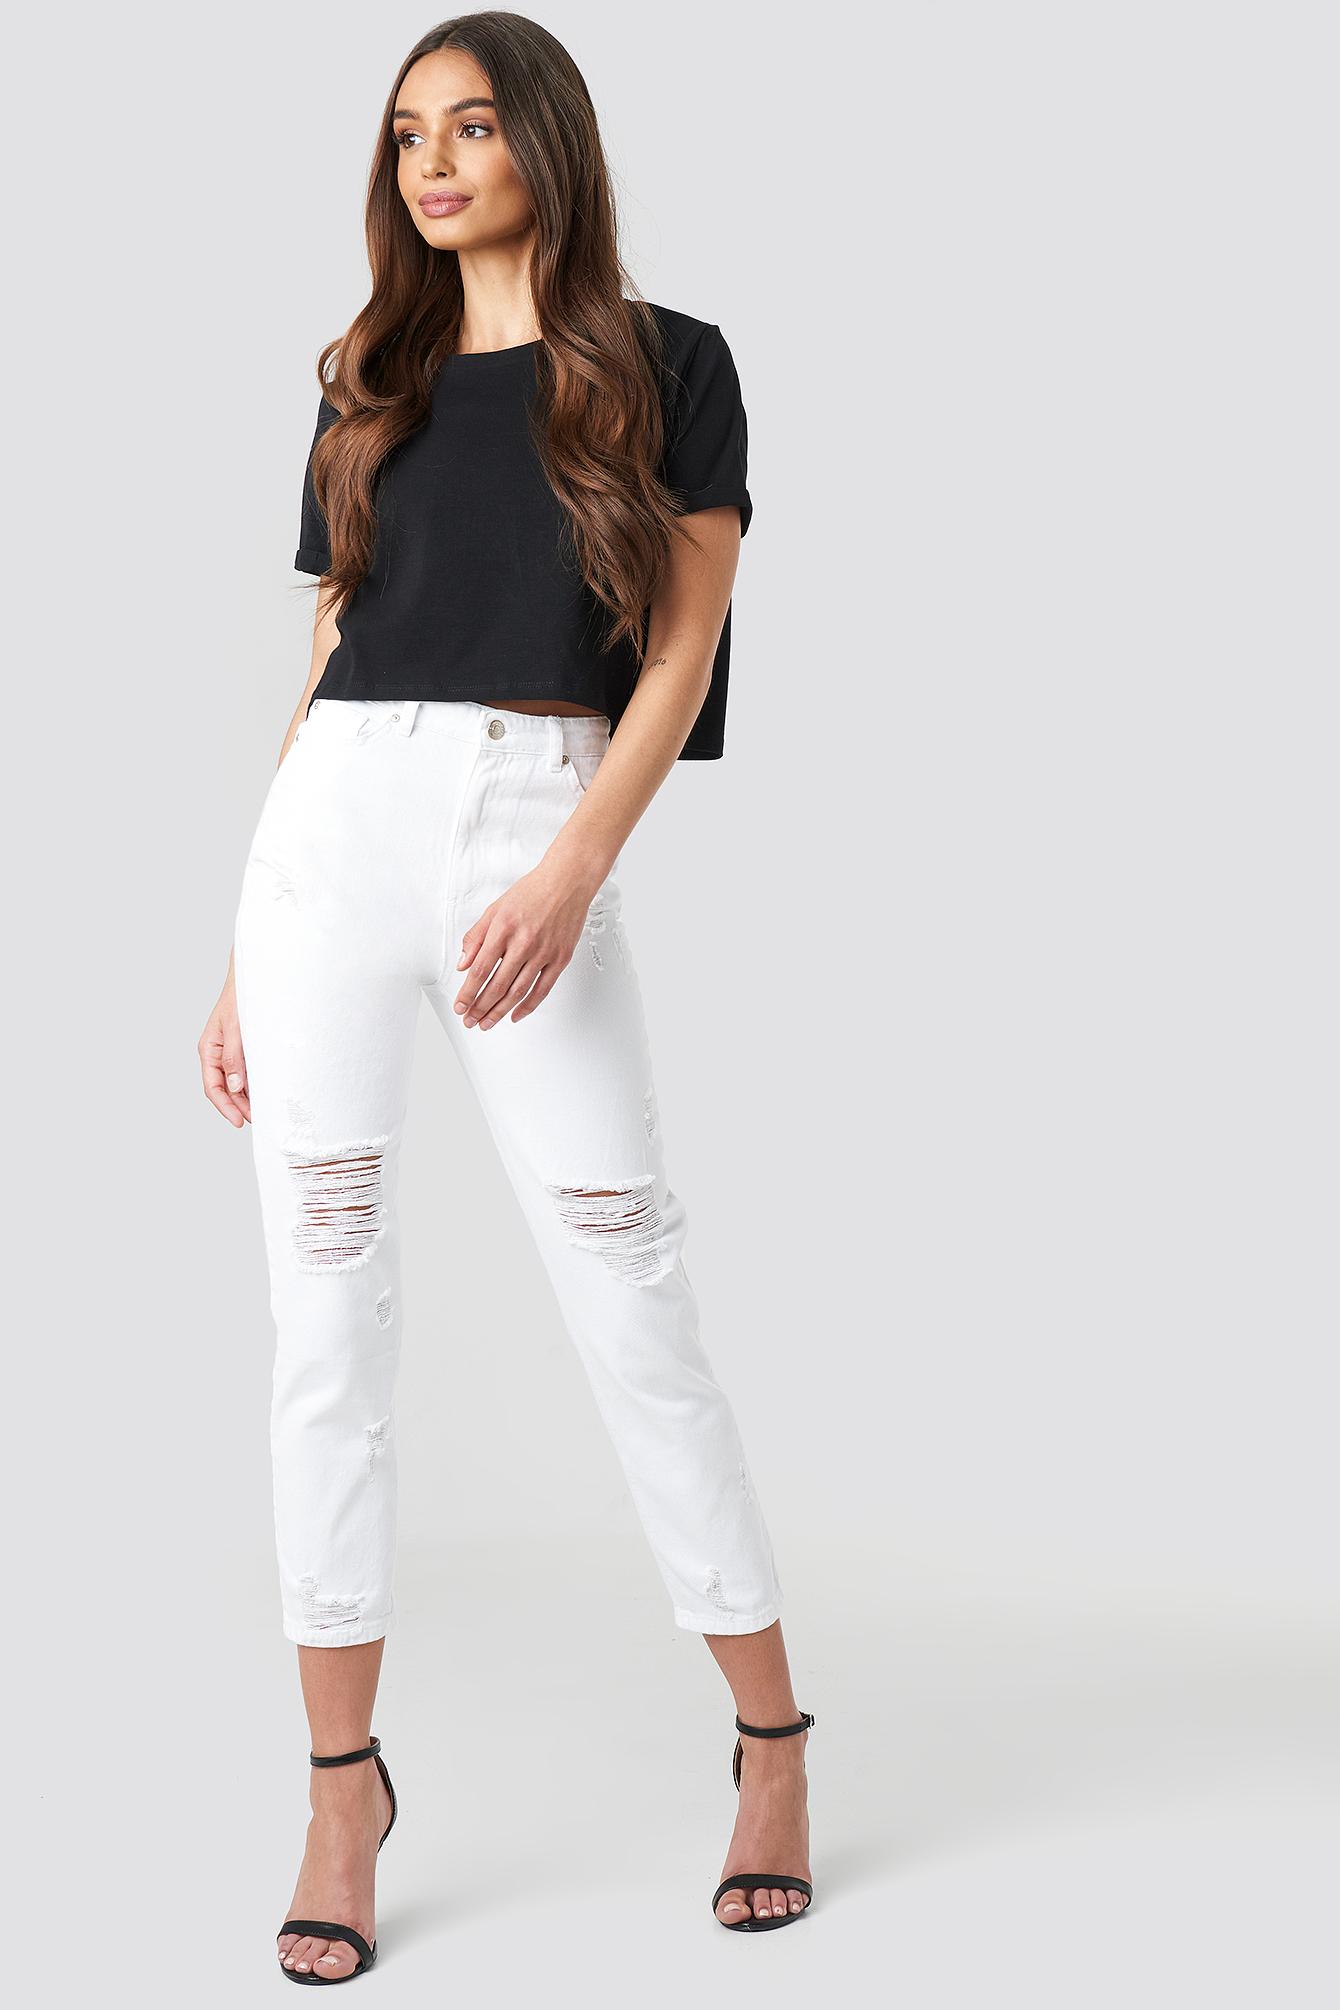 Ripped Knees High Waist Mom Jeans NA-KD.COM